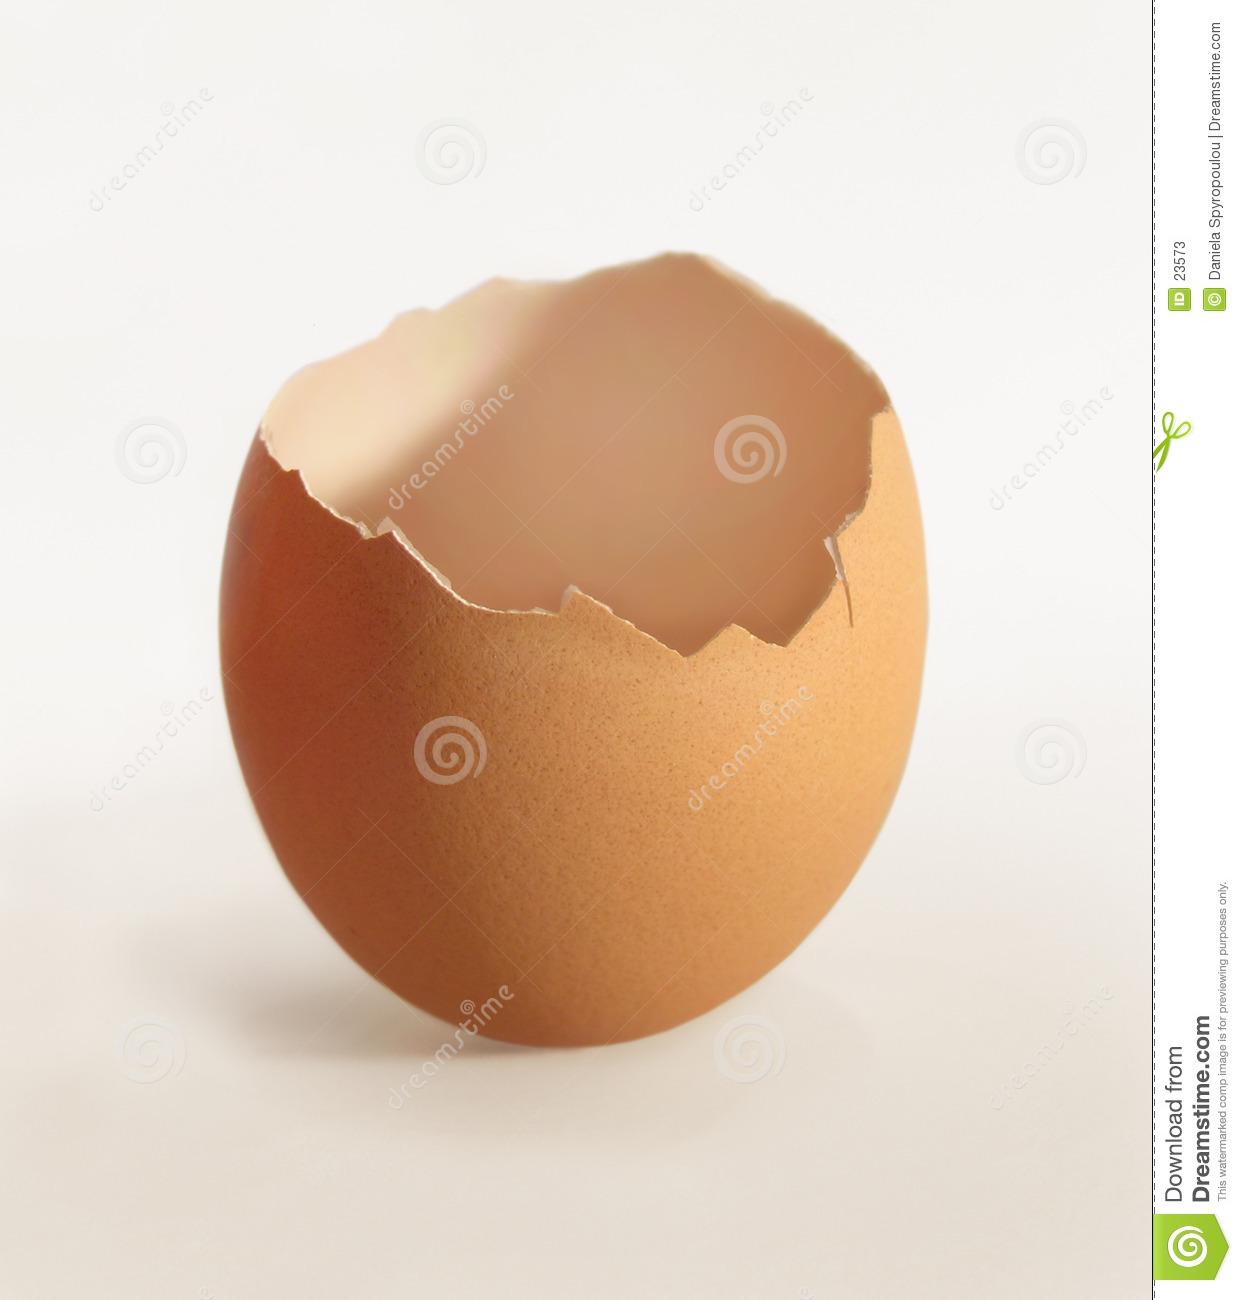 Cracked Eggshell Clipart.